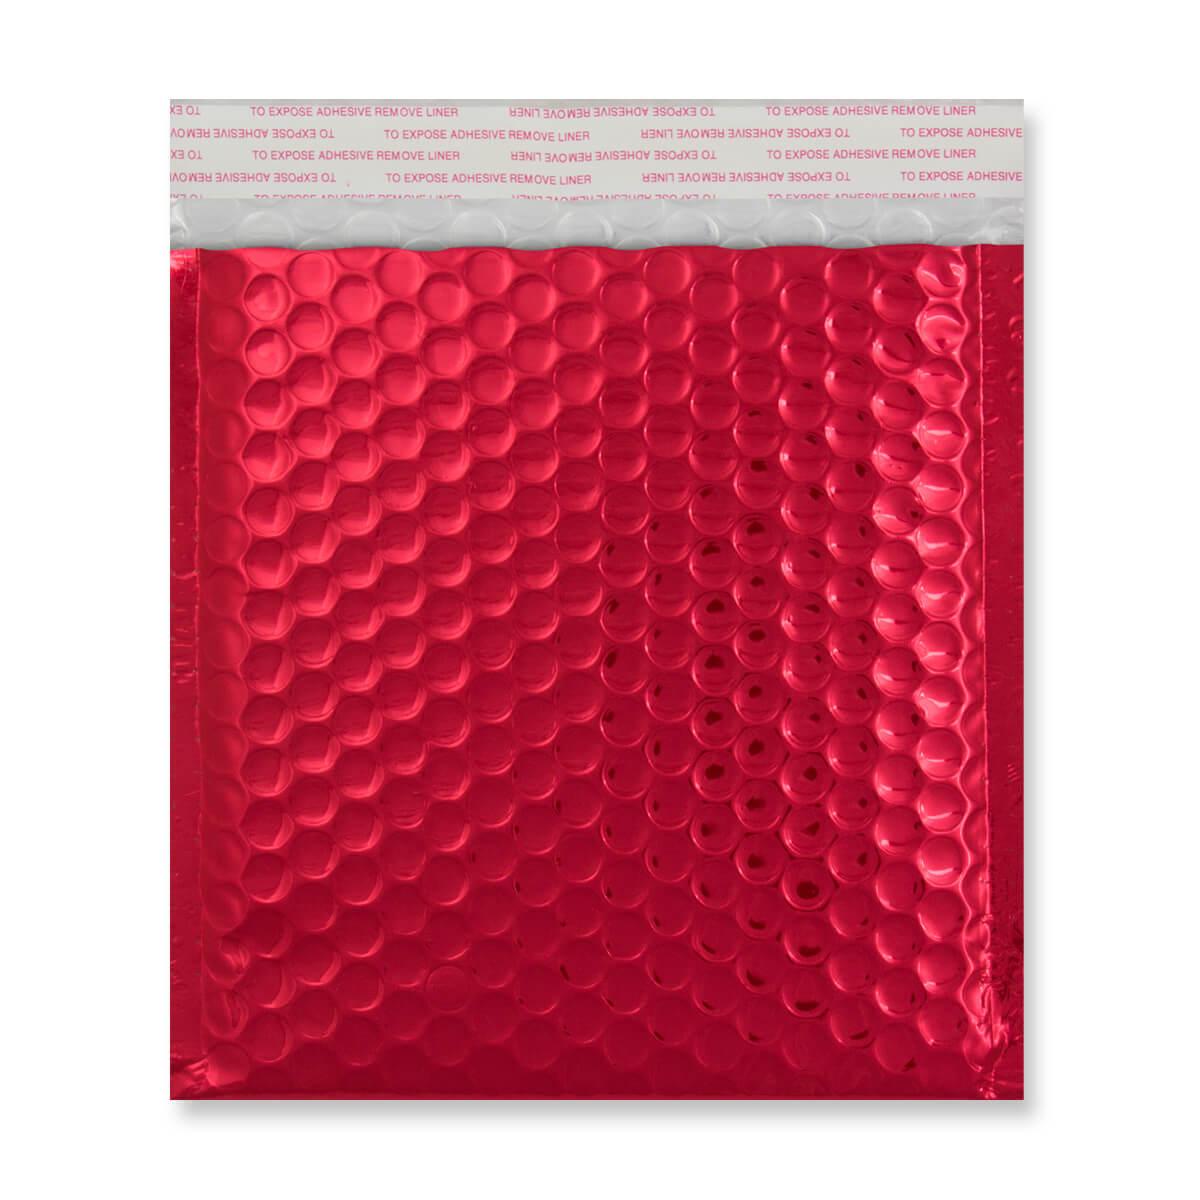 165MM SQUARE GLOSS METALLIC RED PADDED ENVELOPES